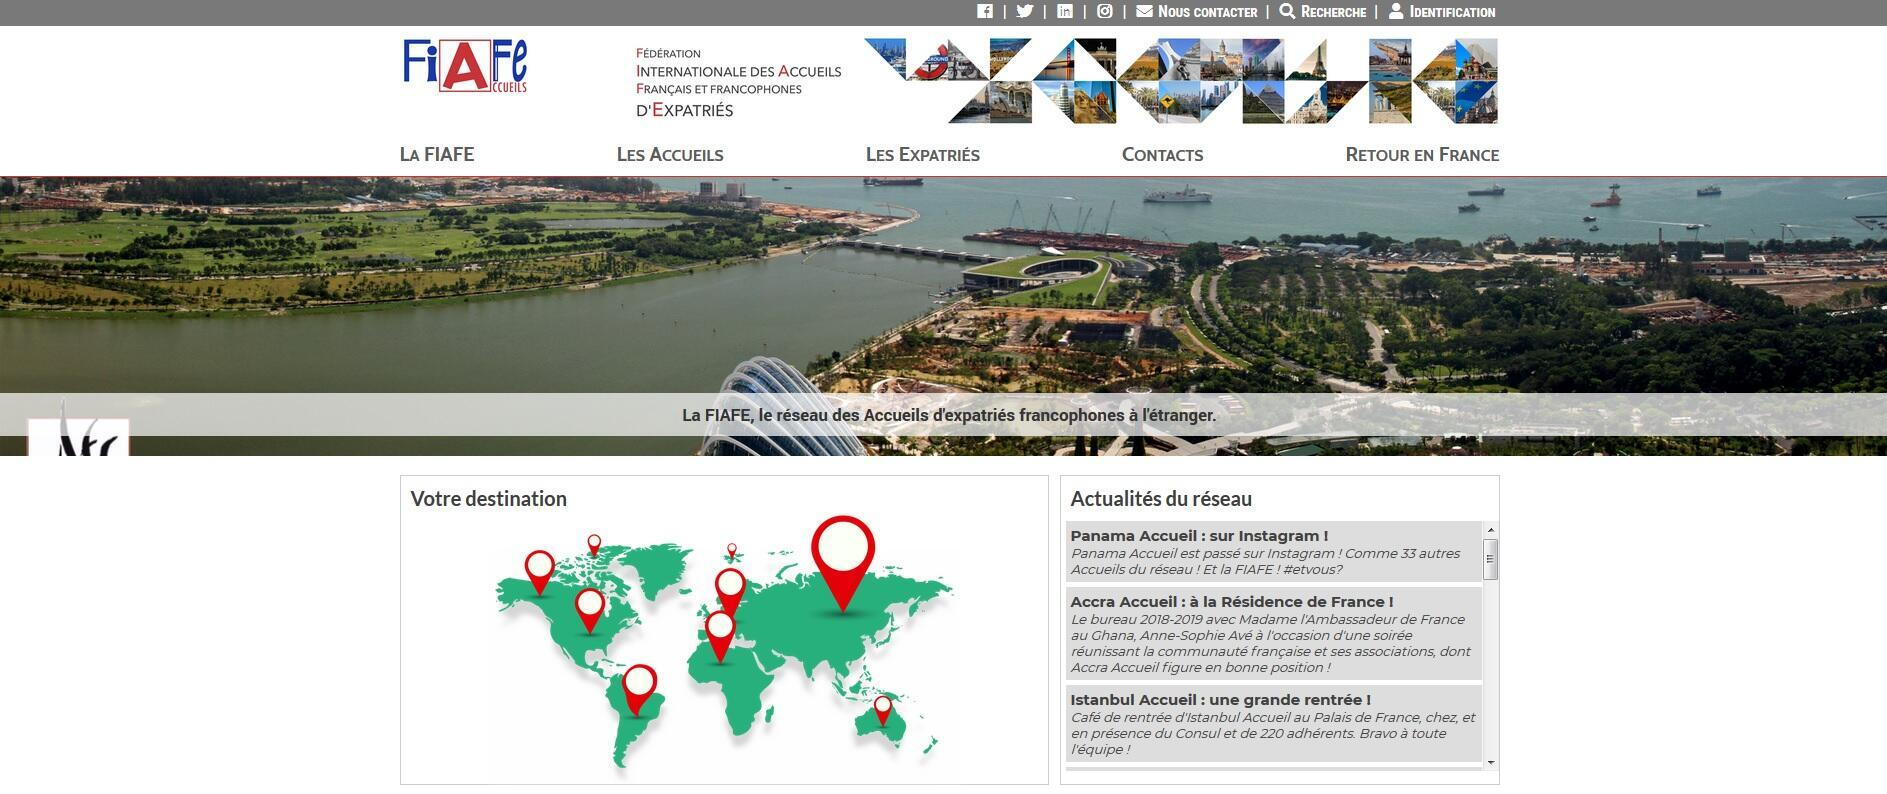 La page d'accueil du site internet de la fédération internationale des accueils de Français et francophones expatriés, le 14 octobre 2018.